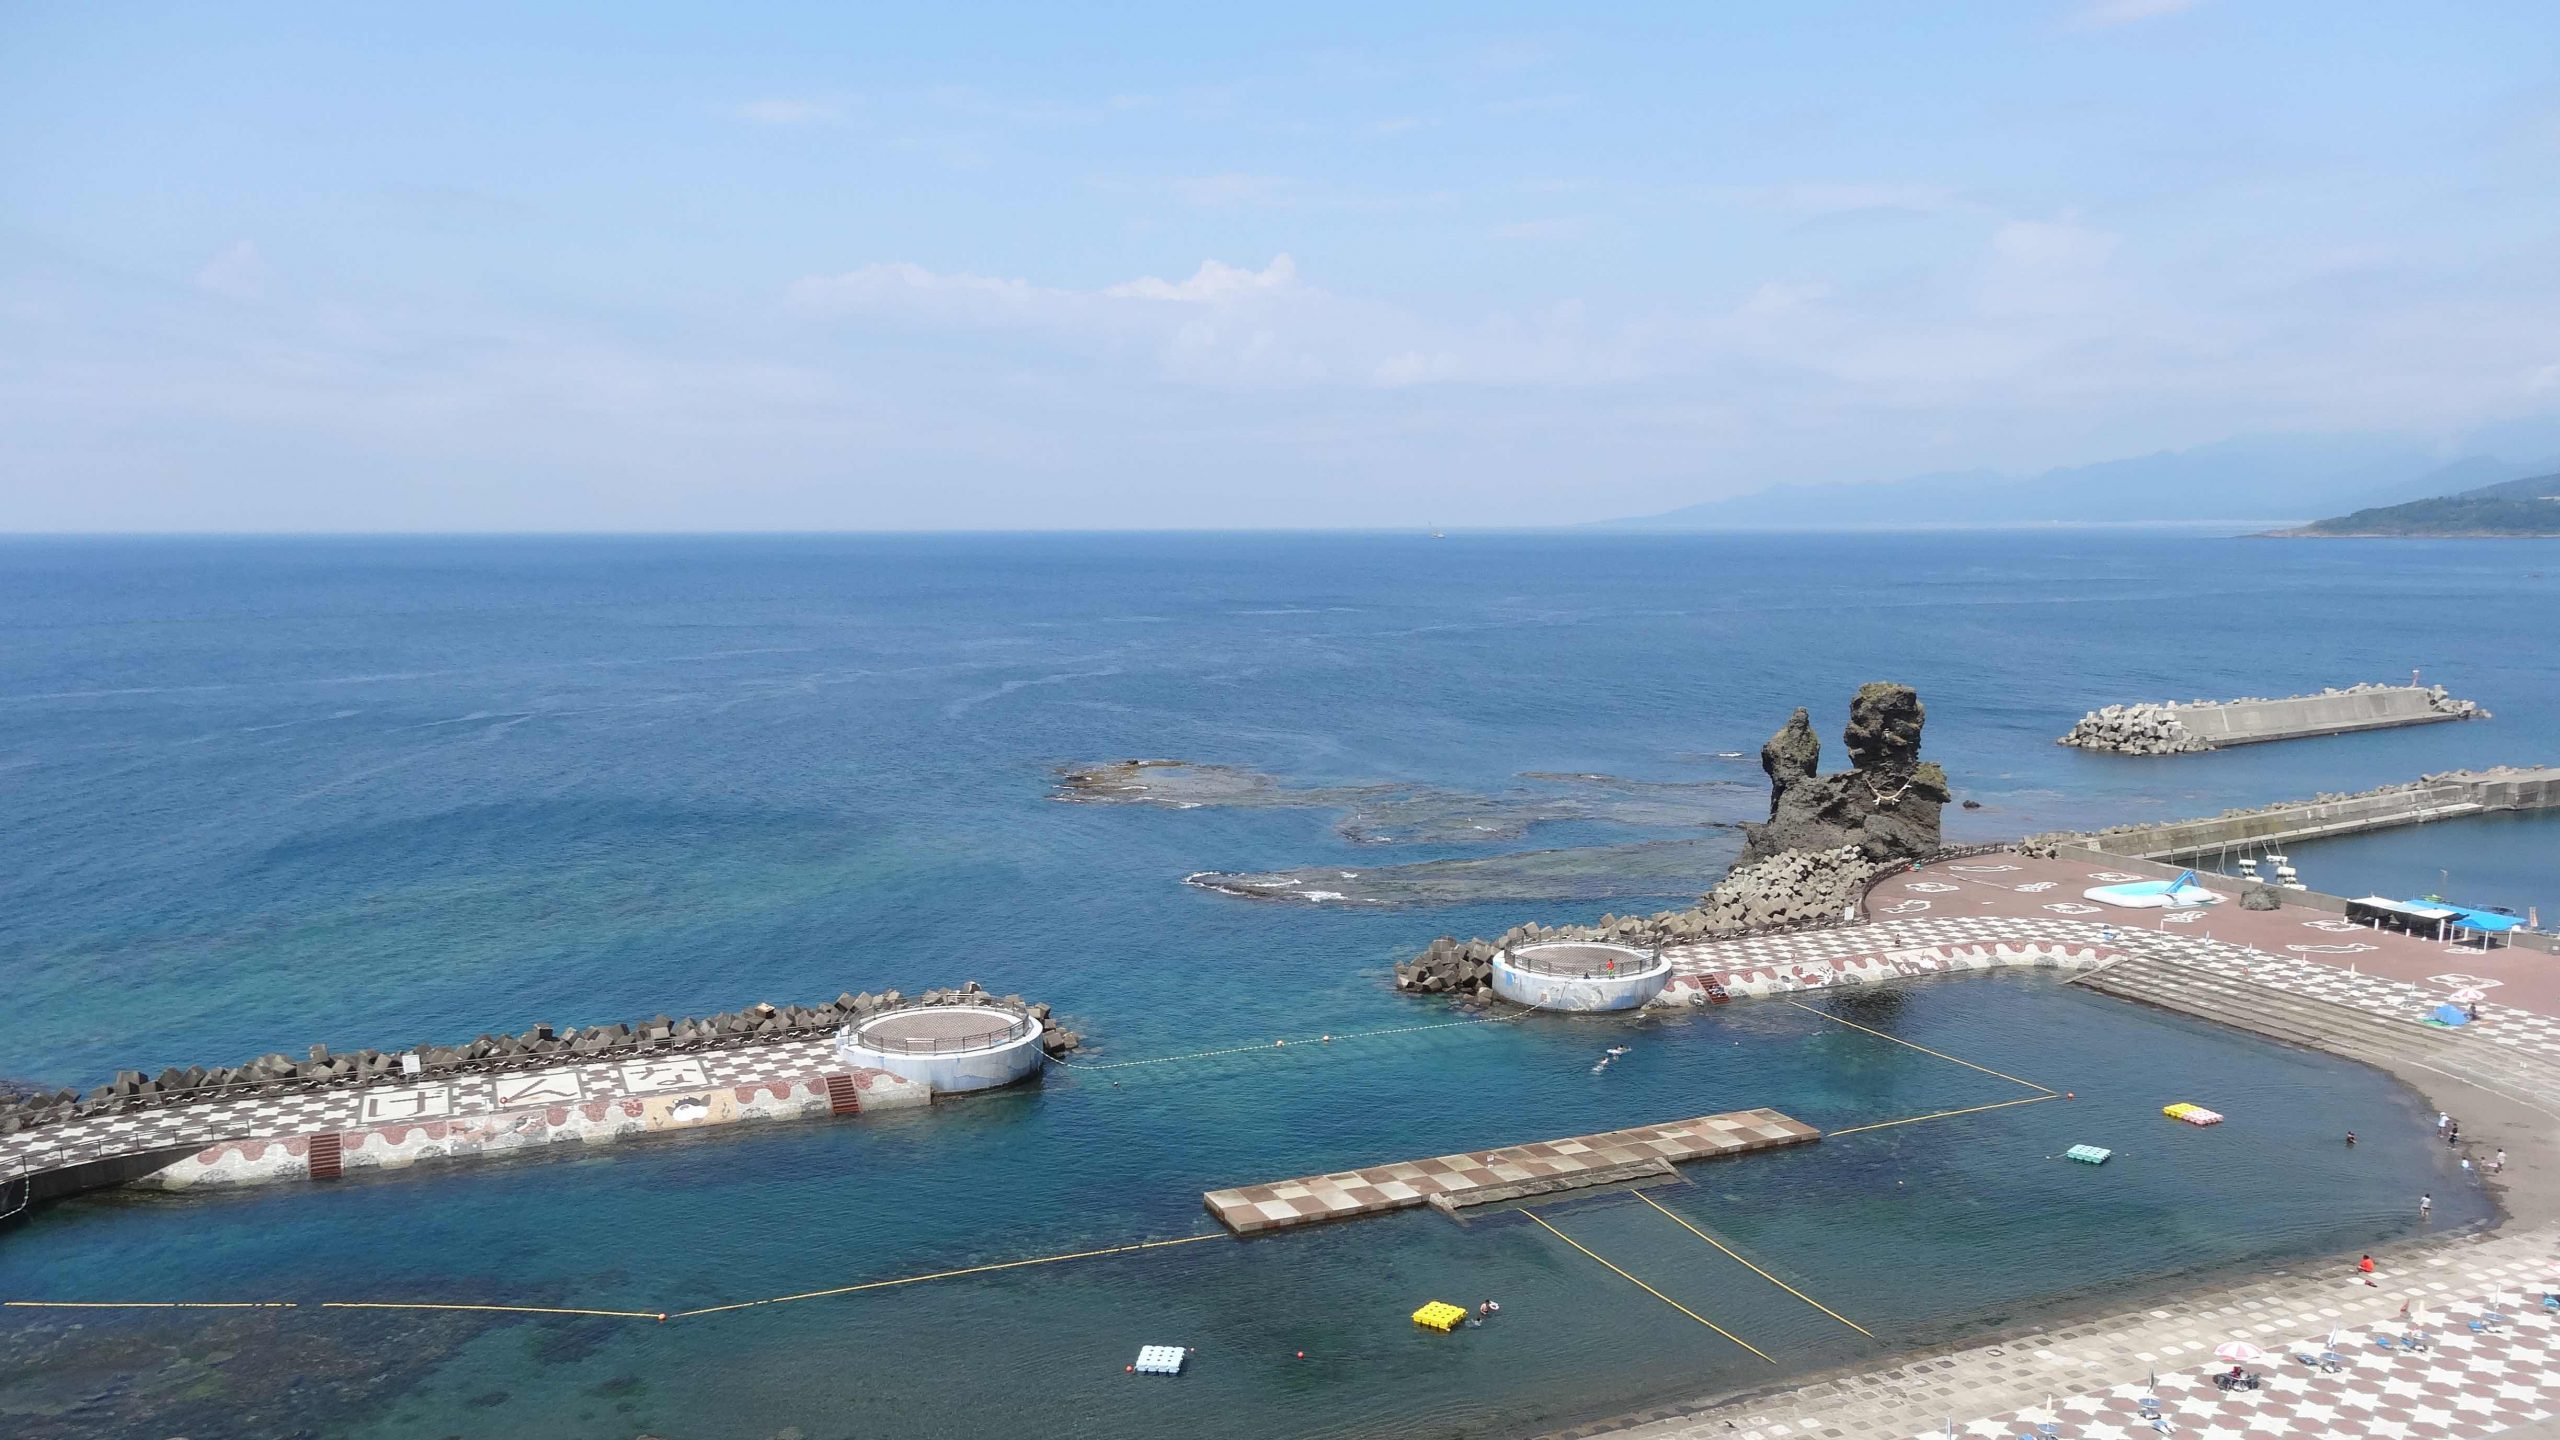 Swimming & Beaches in Hokkaido